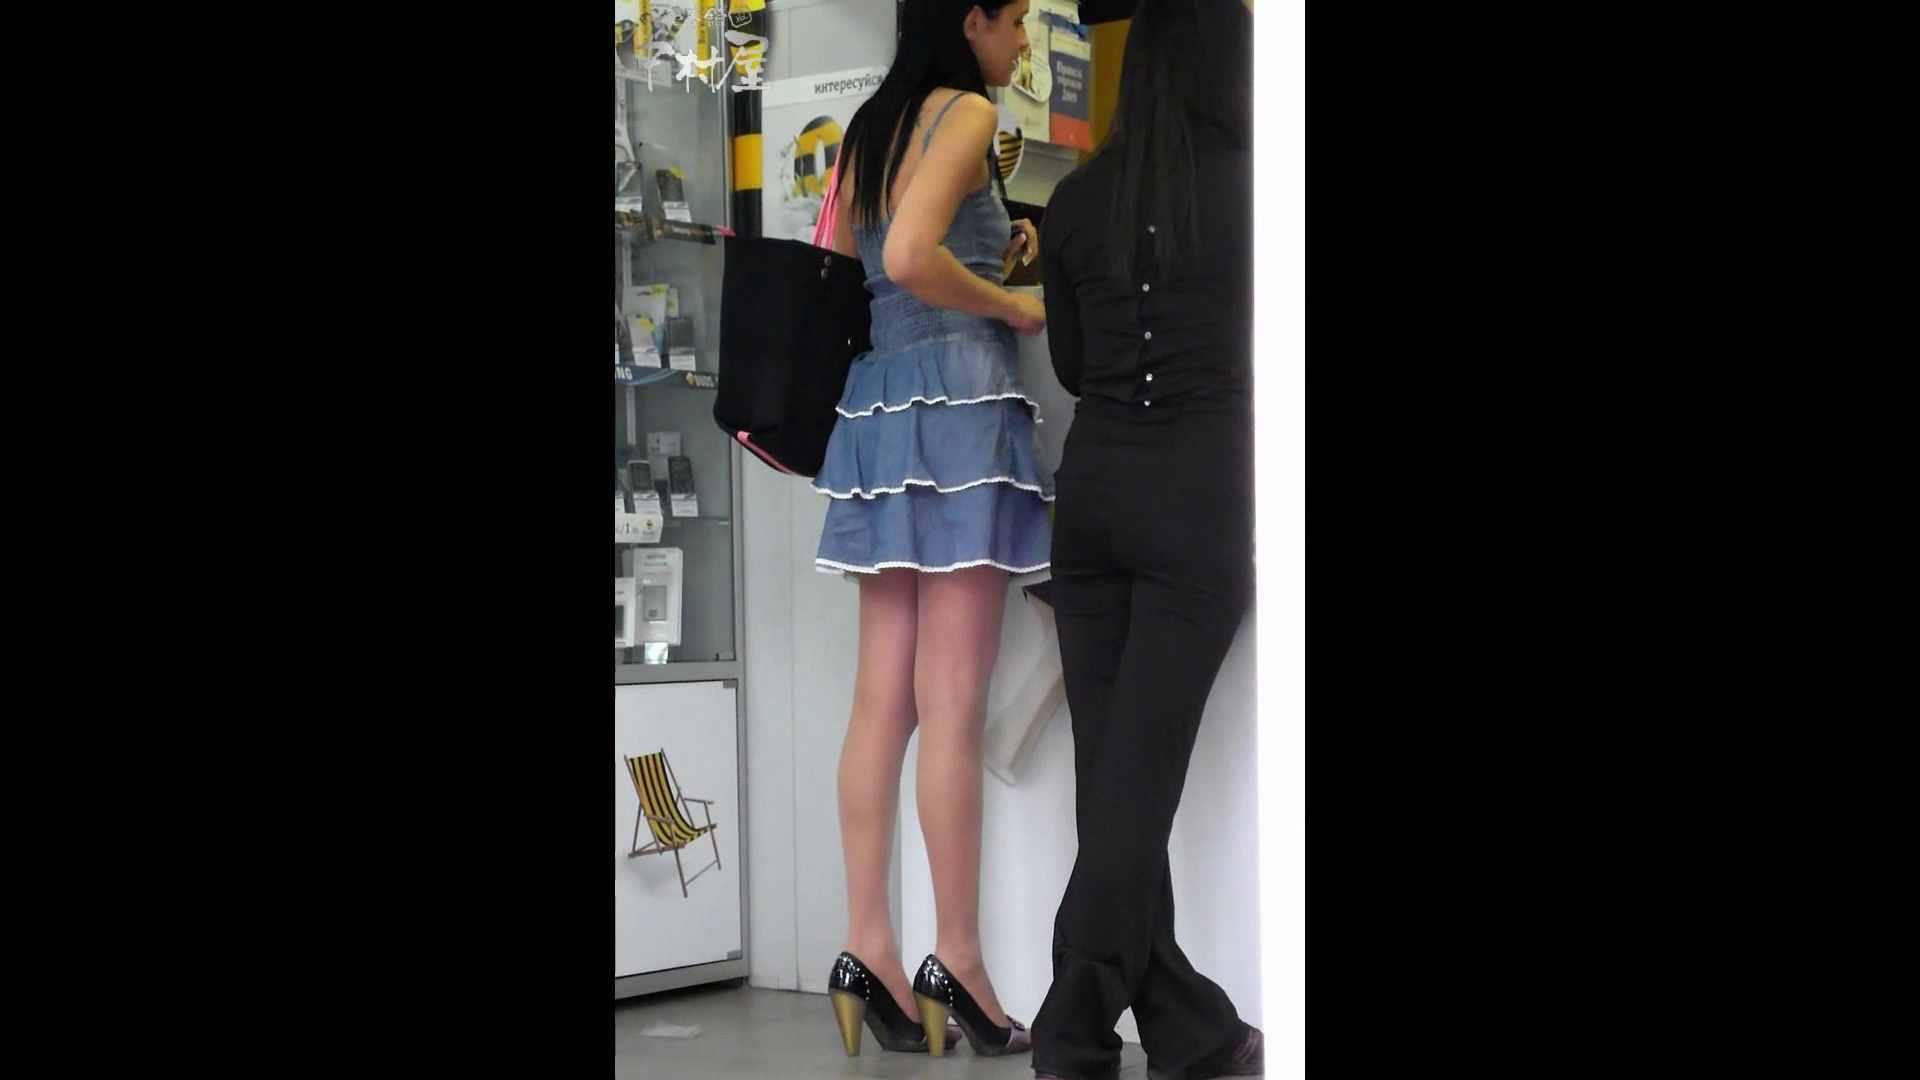 綺麗なモデルさんのスカート捲っちゃおう‼ vol18 お姉さんヌード   OLセックス  81画像 31